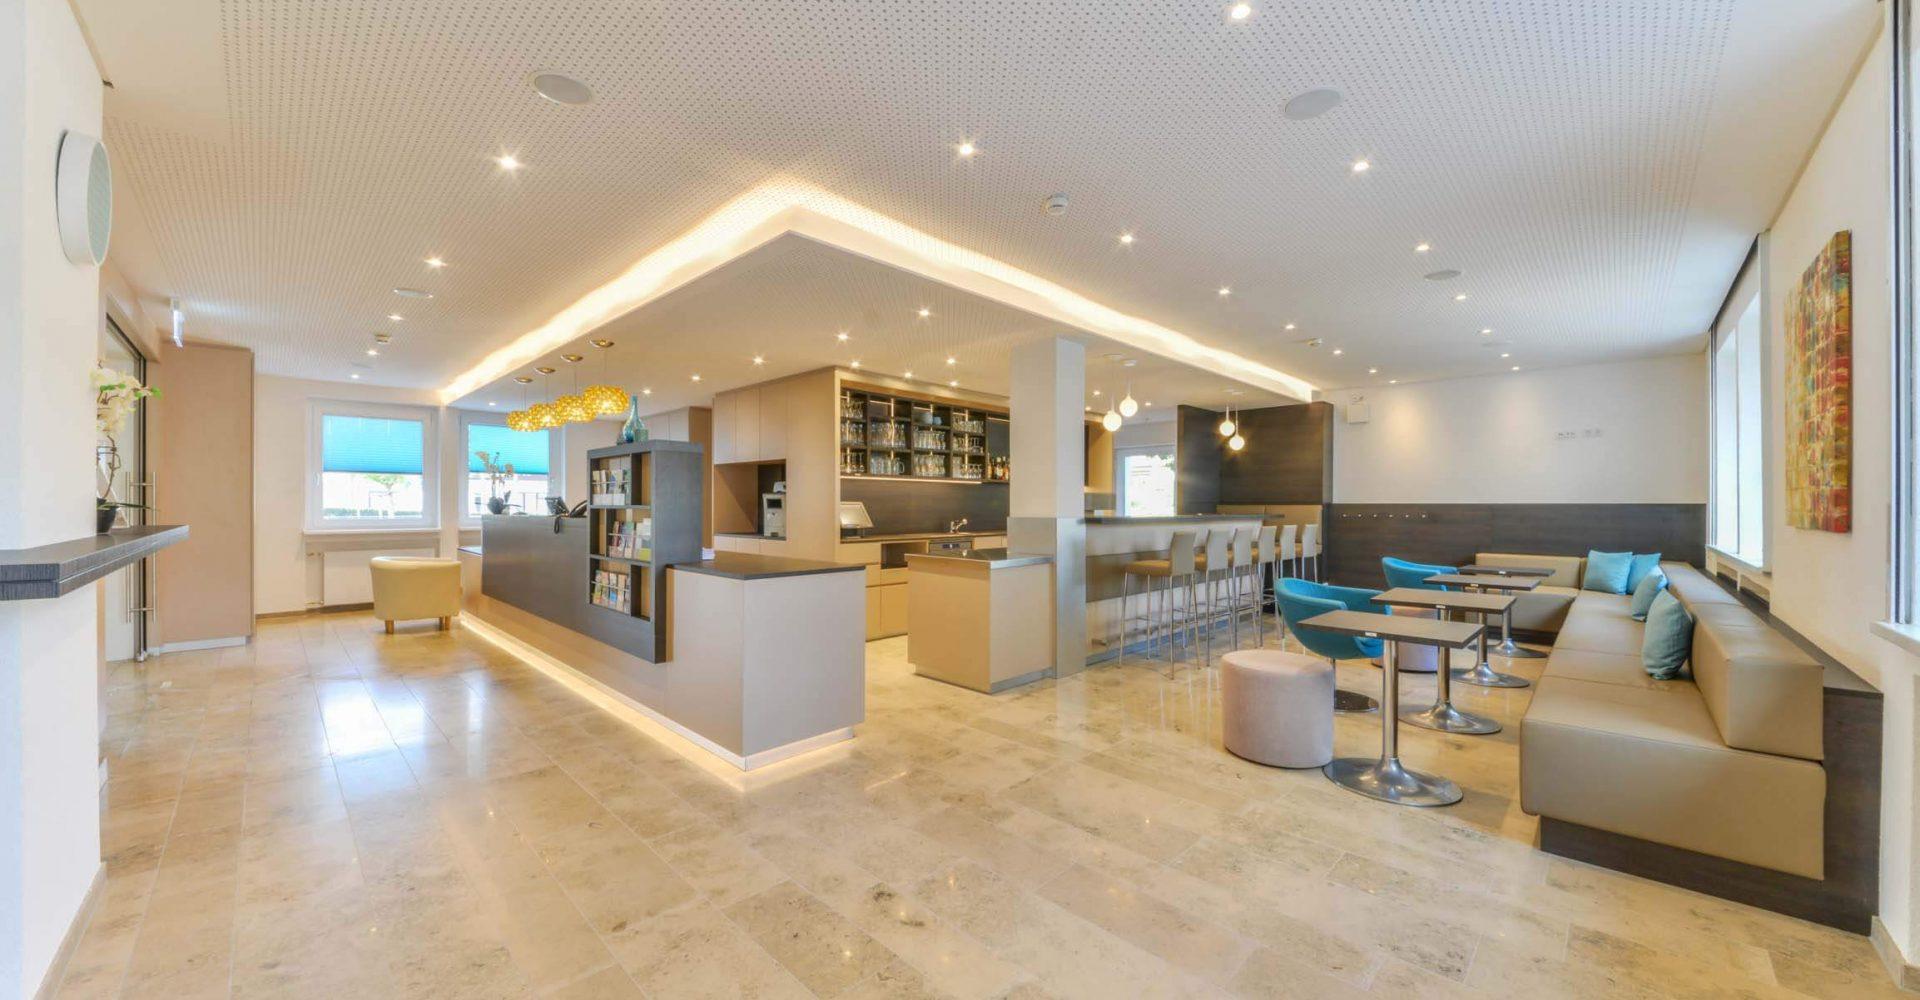 Hotel Ateck Empfangsbereich